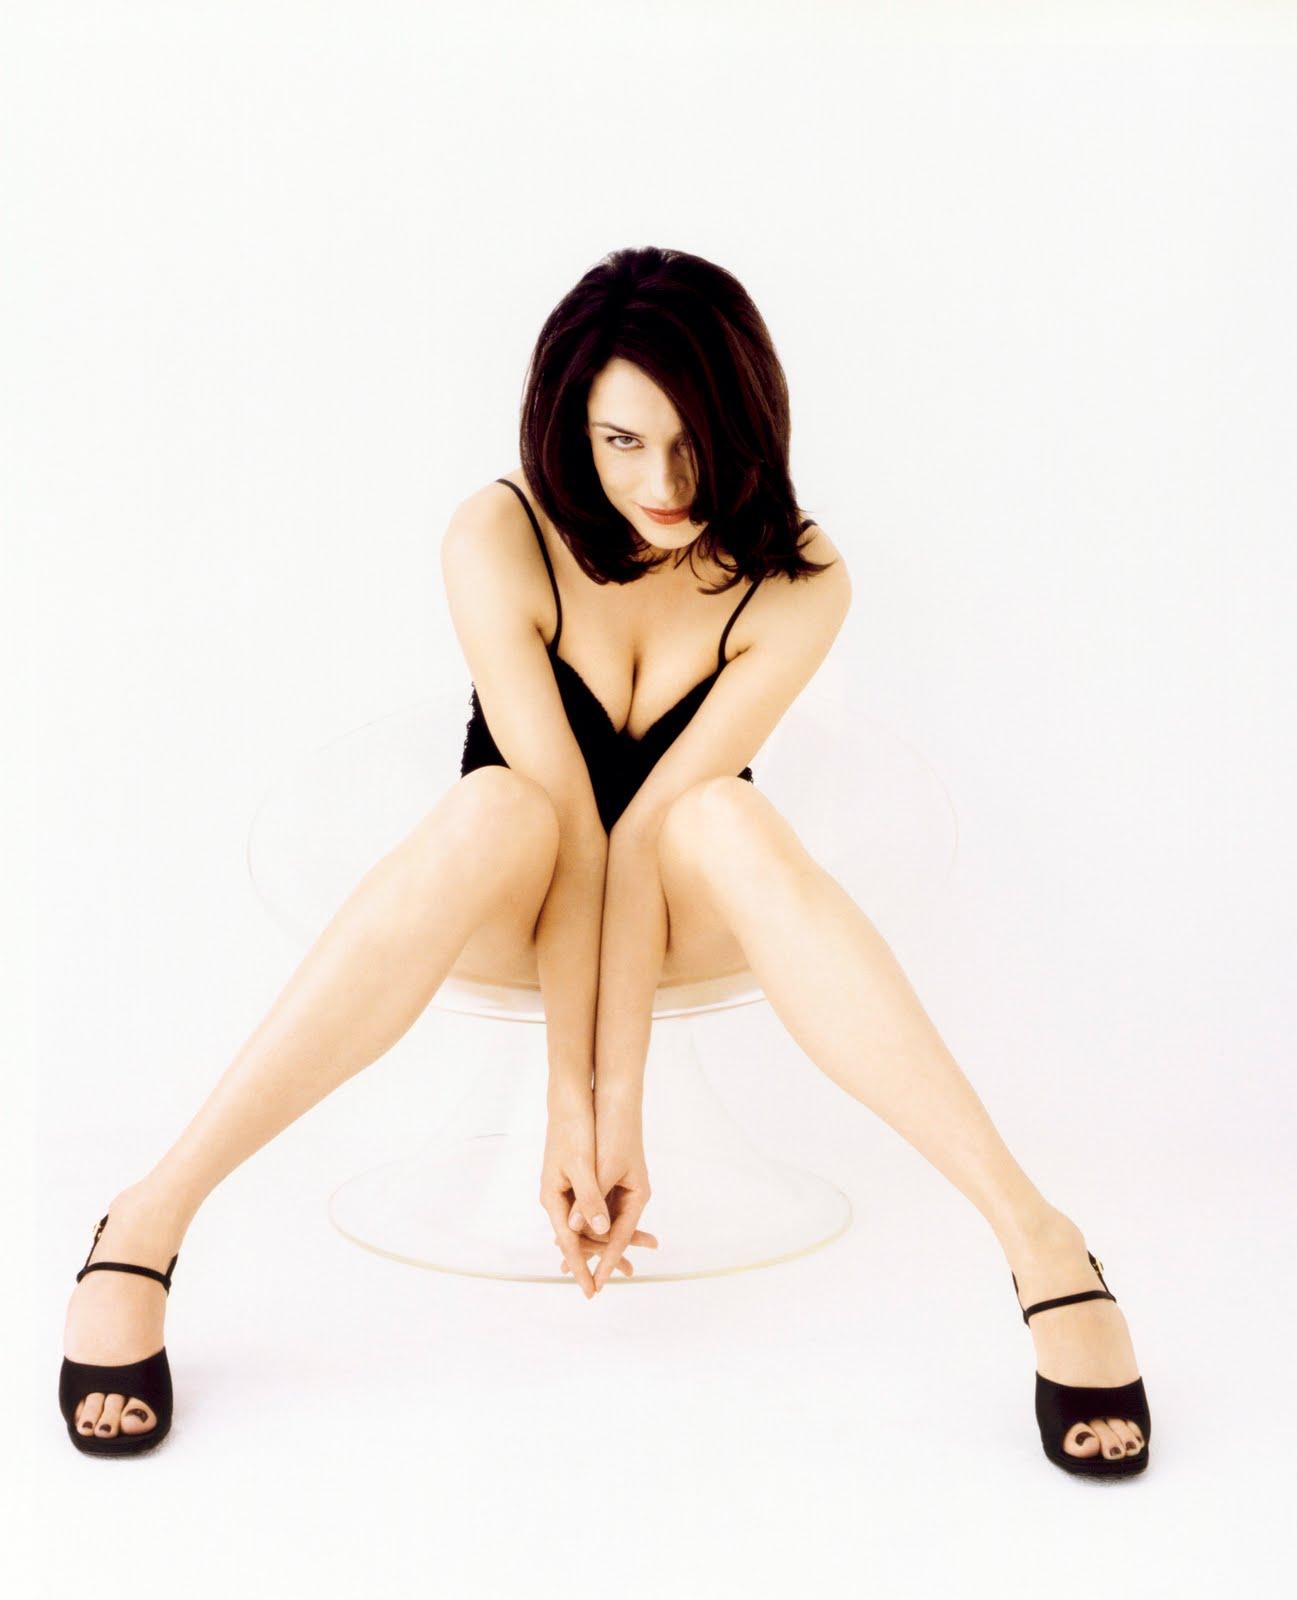 http://2.bp.blogspot.com/_UaLWp72nij4/S8OD9K0YLhI/AAAAAAAAHIQ/7r3nT_W0Z60/s1600/famke-janssen-feet-3.jpg